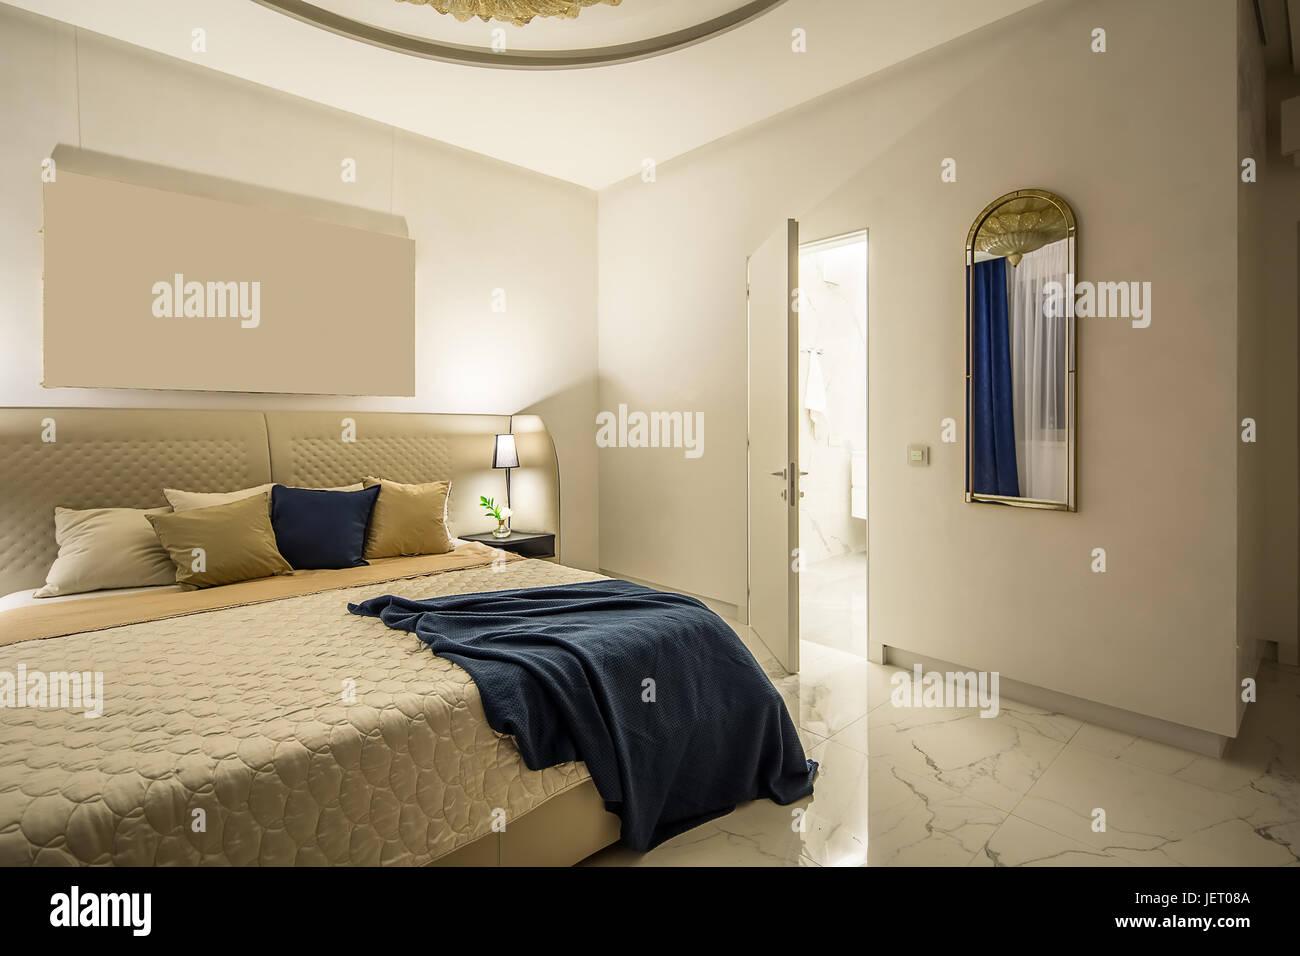 Camere da letto moderne con pareti bianche e pavimento in piastrelle ...